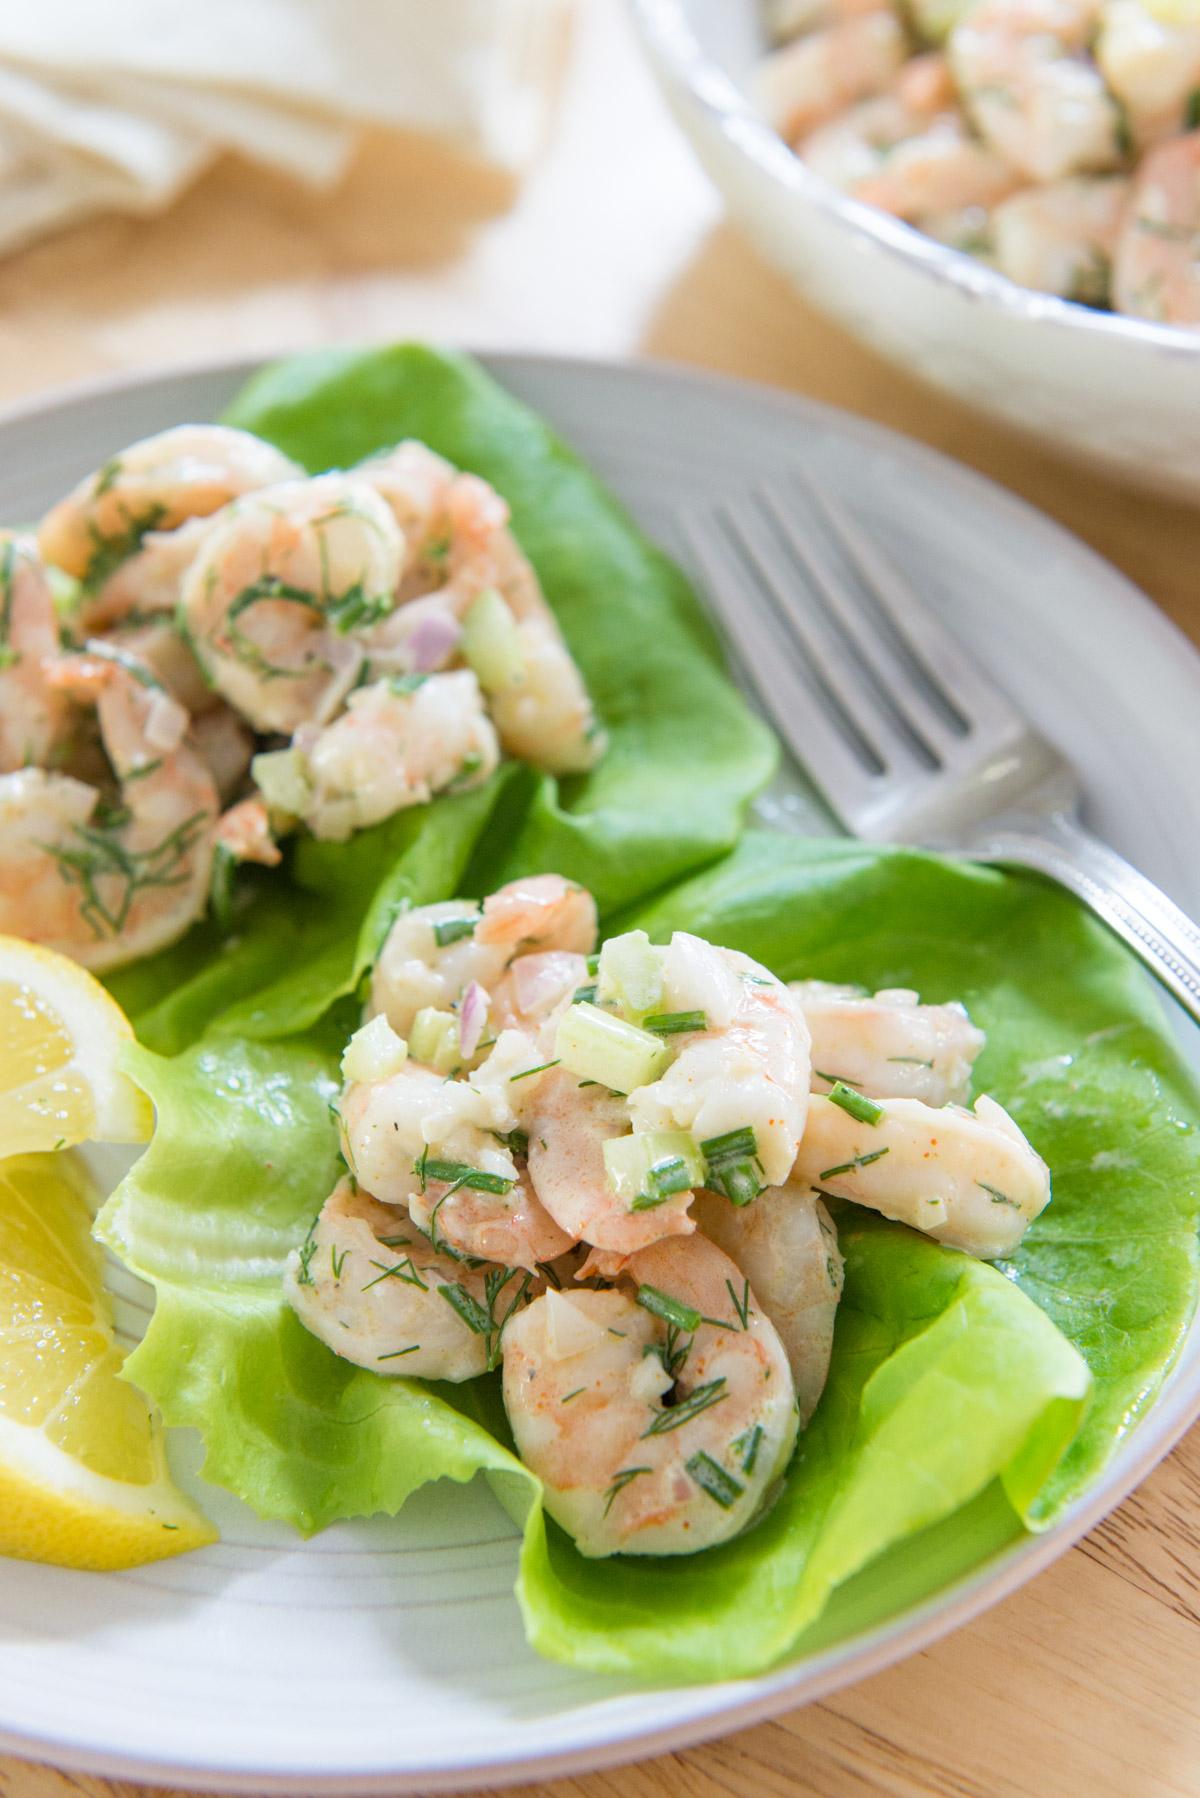 Shrimp Salad Recipe Served in Lettuce Cups with Lemon Slices